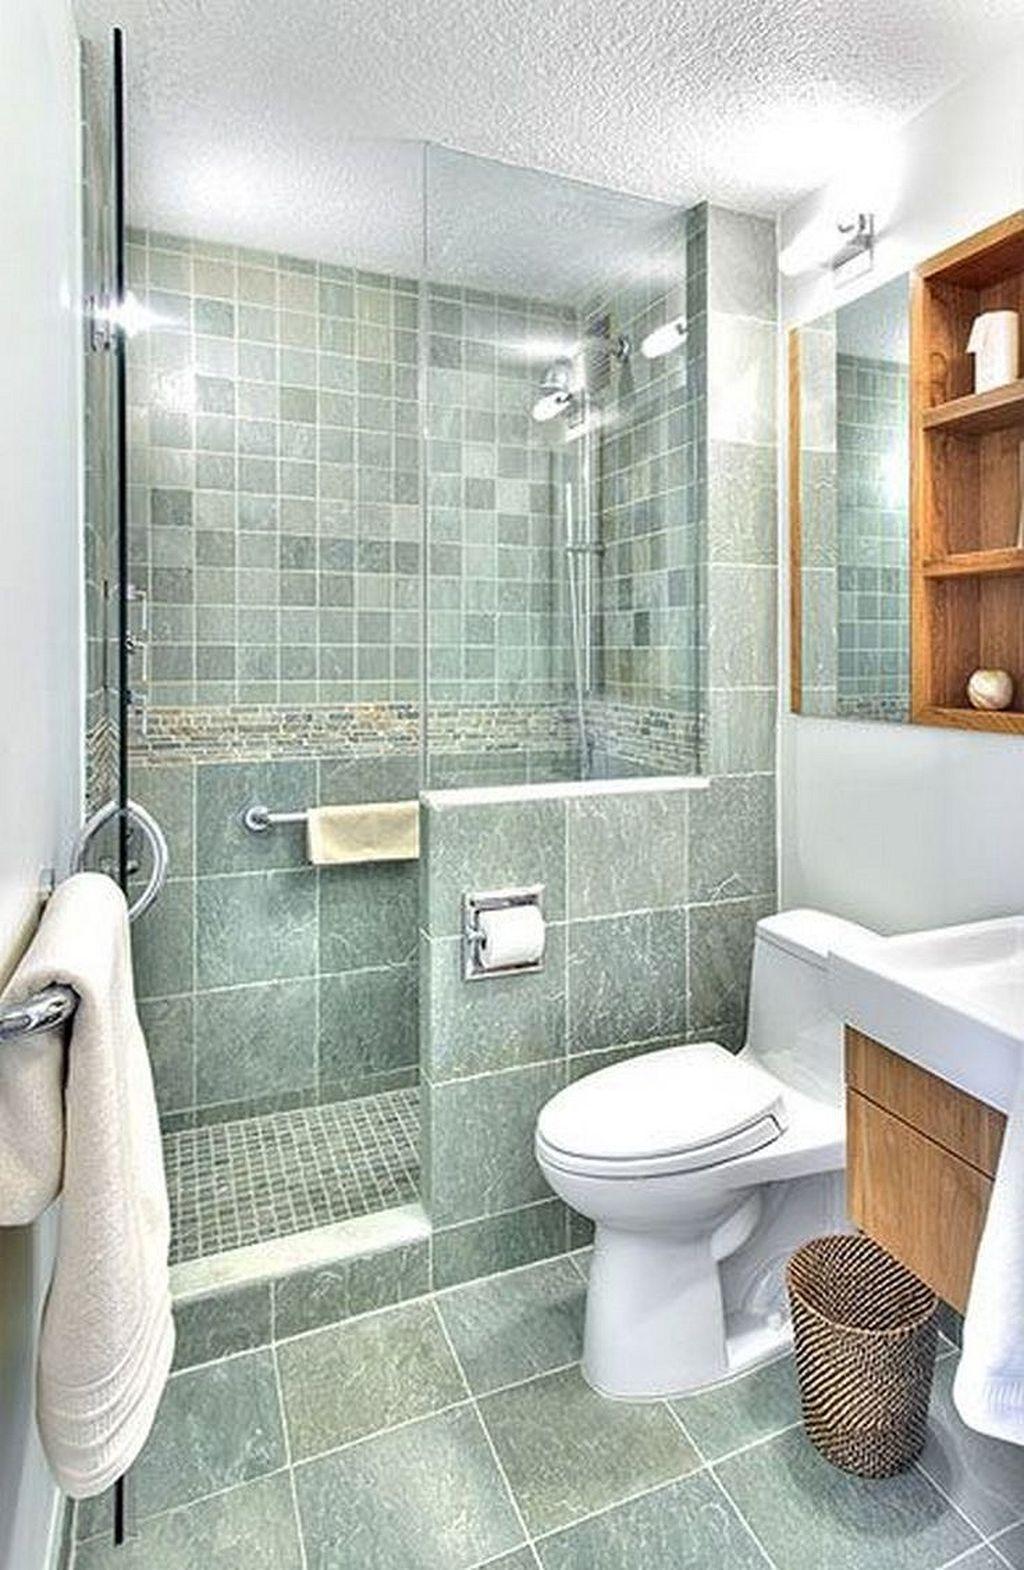 Pin van Jennifer R op Bathroom remodeling ideas | Pinterest - Badkamers